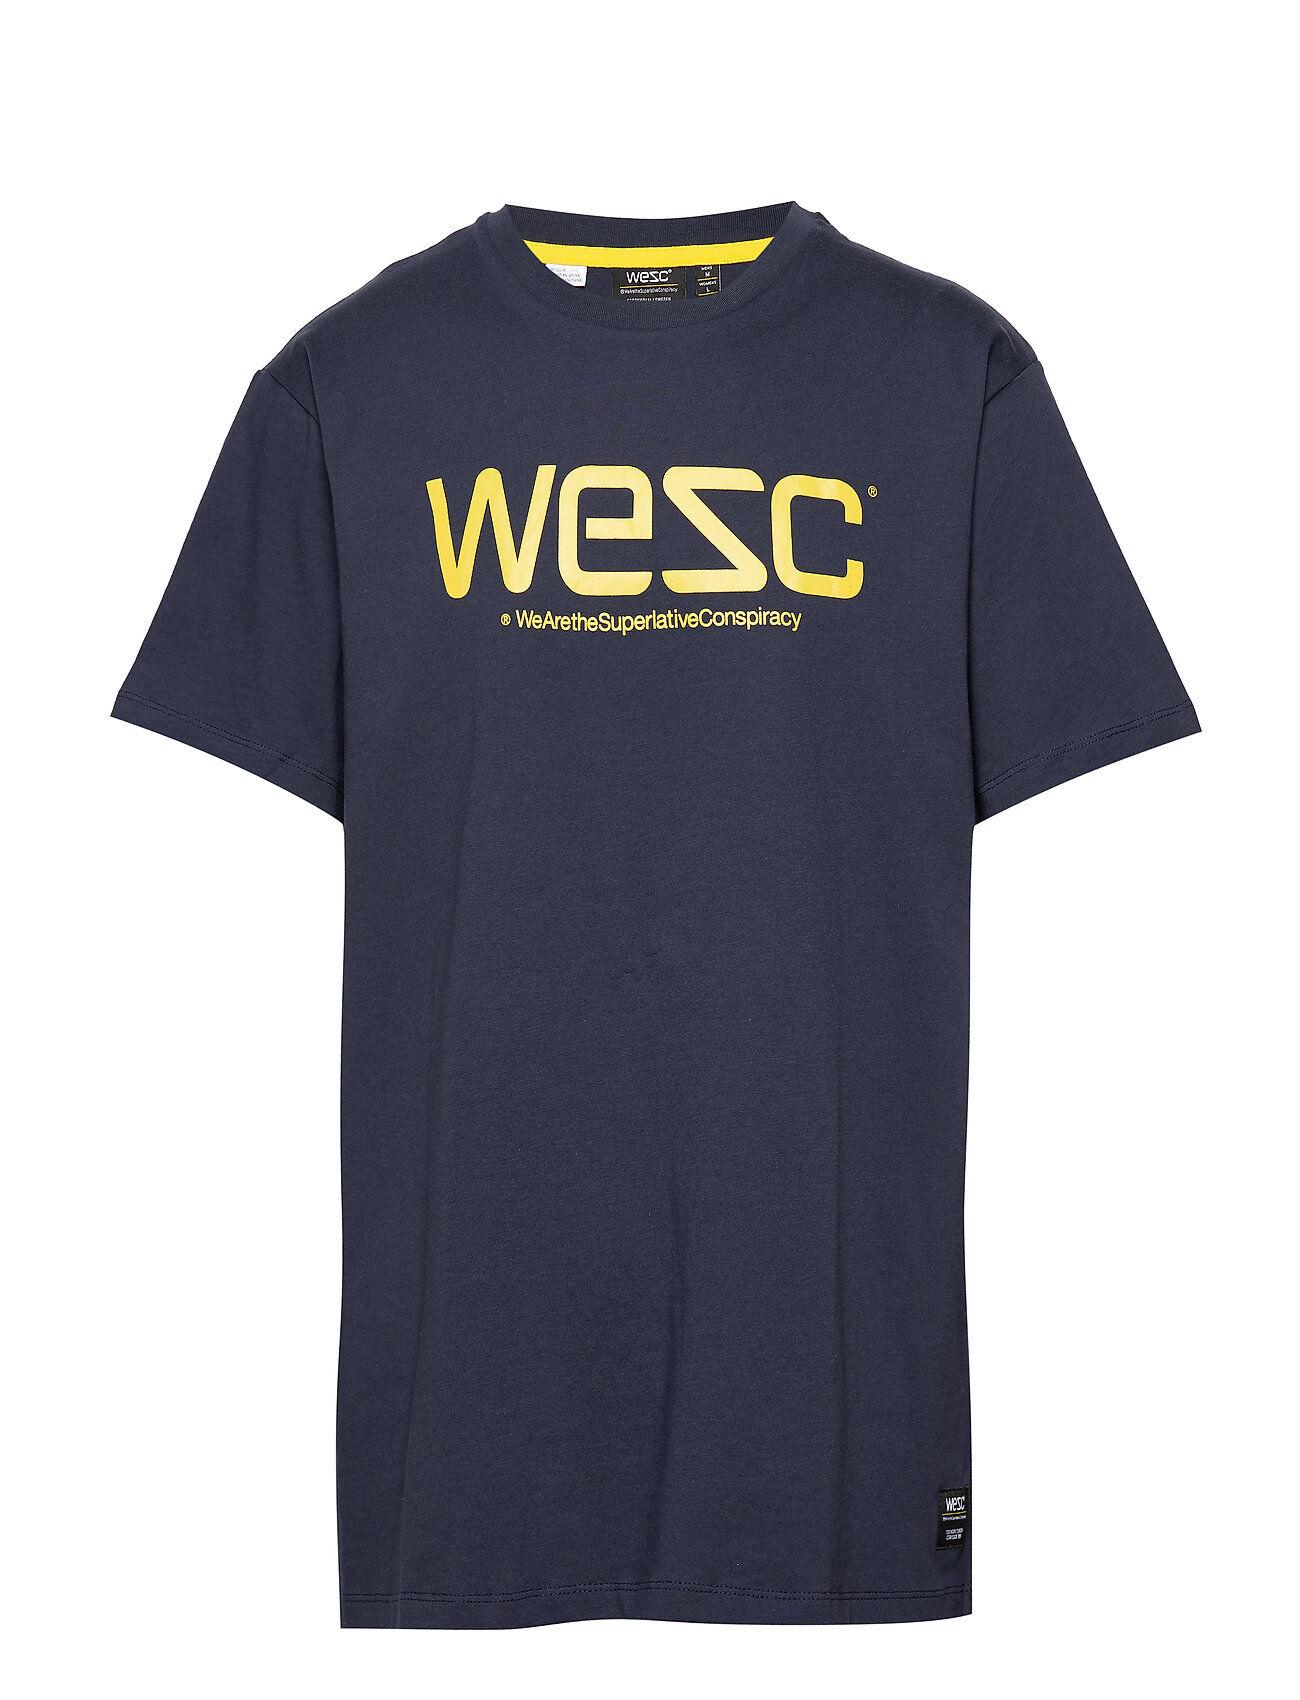 Wesc T-Shirt T-shirts Short-sleeved Sininen WeSC